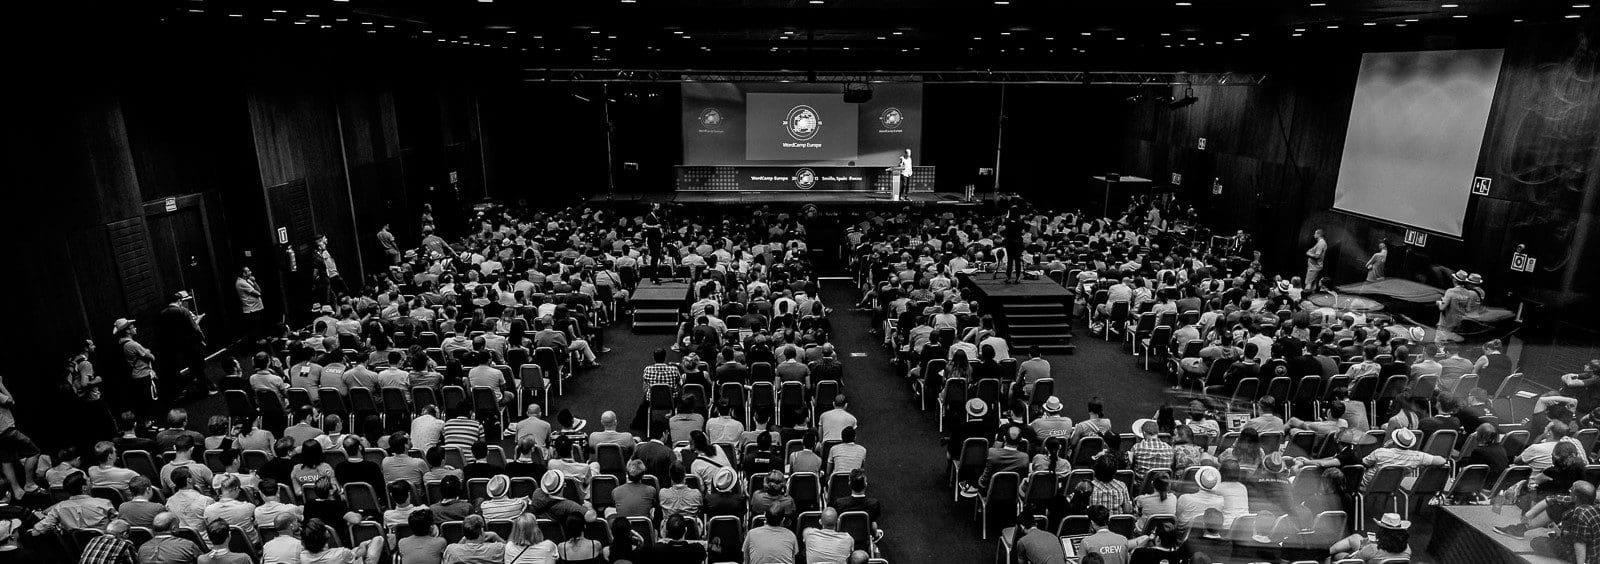 Una manera de ver el trabajo, una manera de ver la industria. WordCamp Europe 2016